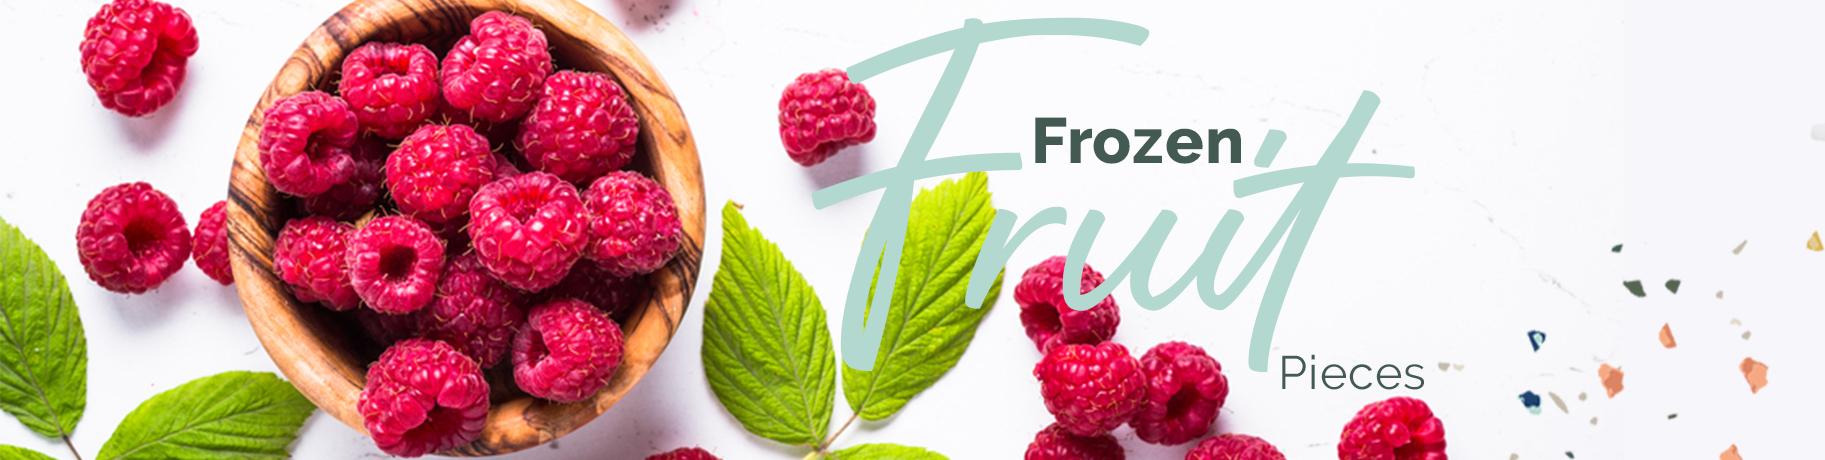 Frozen Fruit Pieces